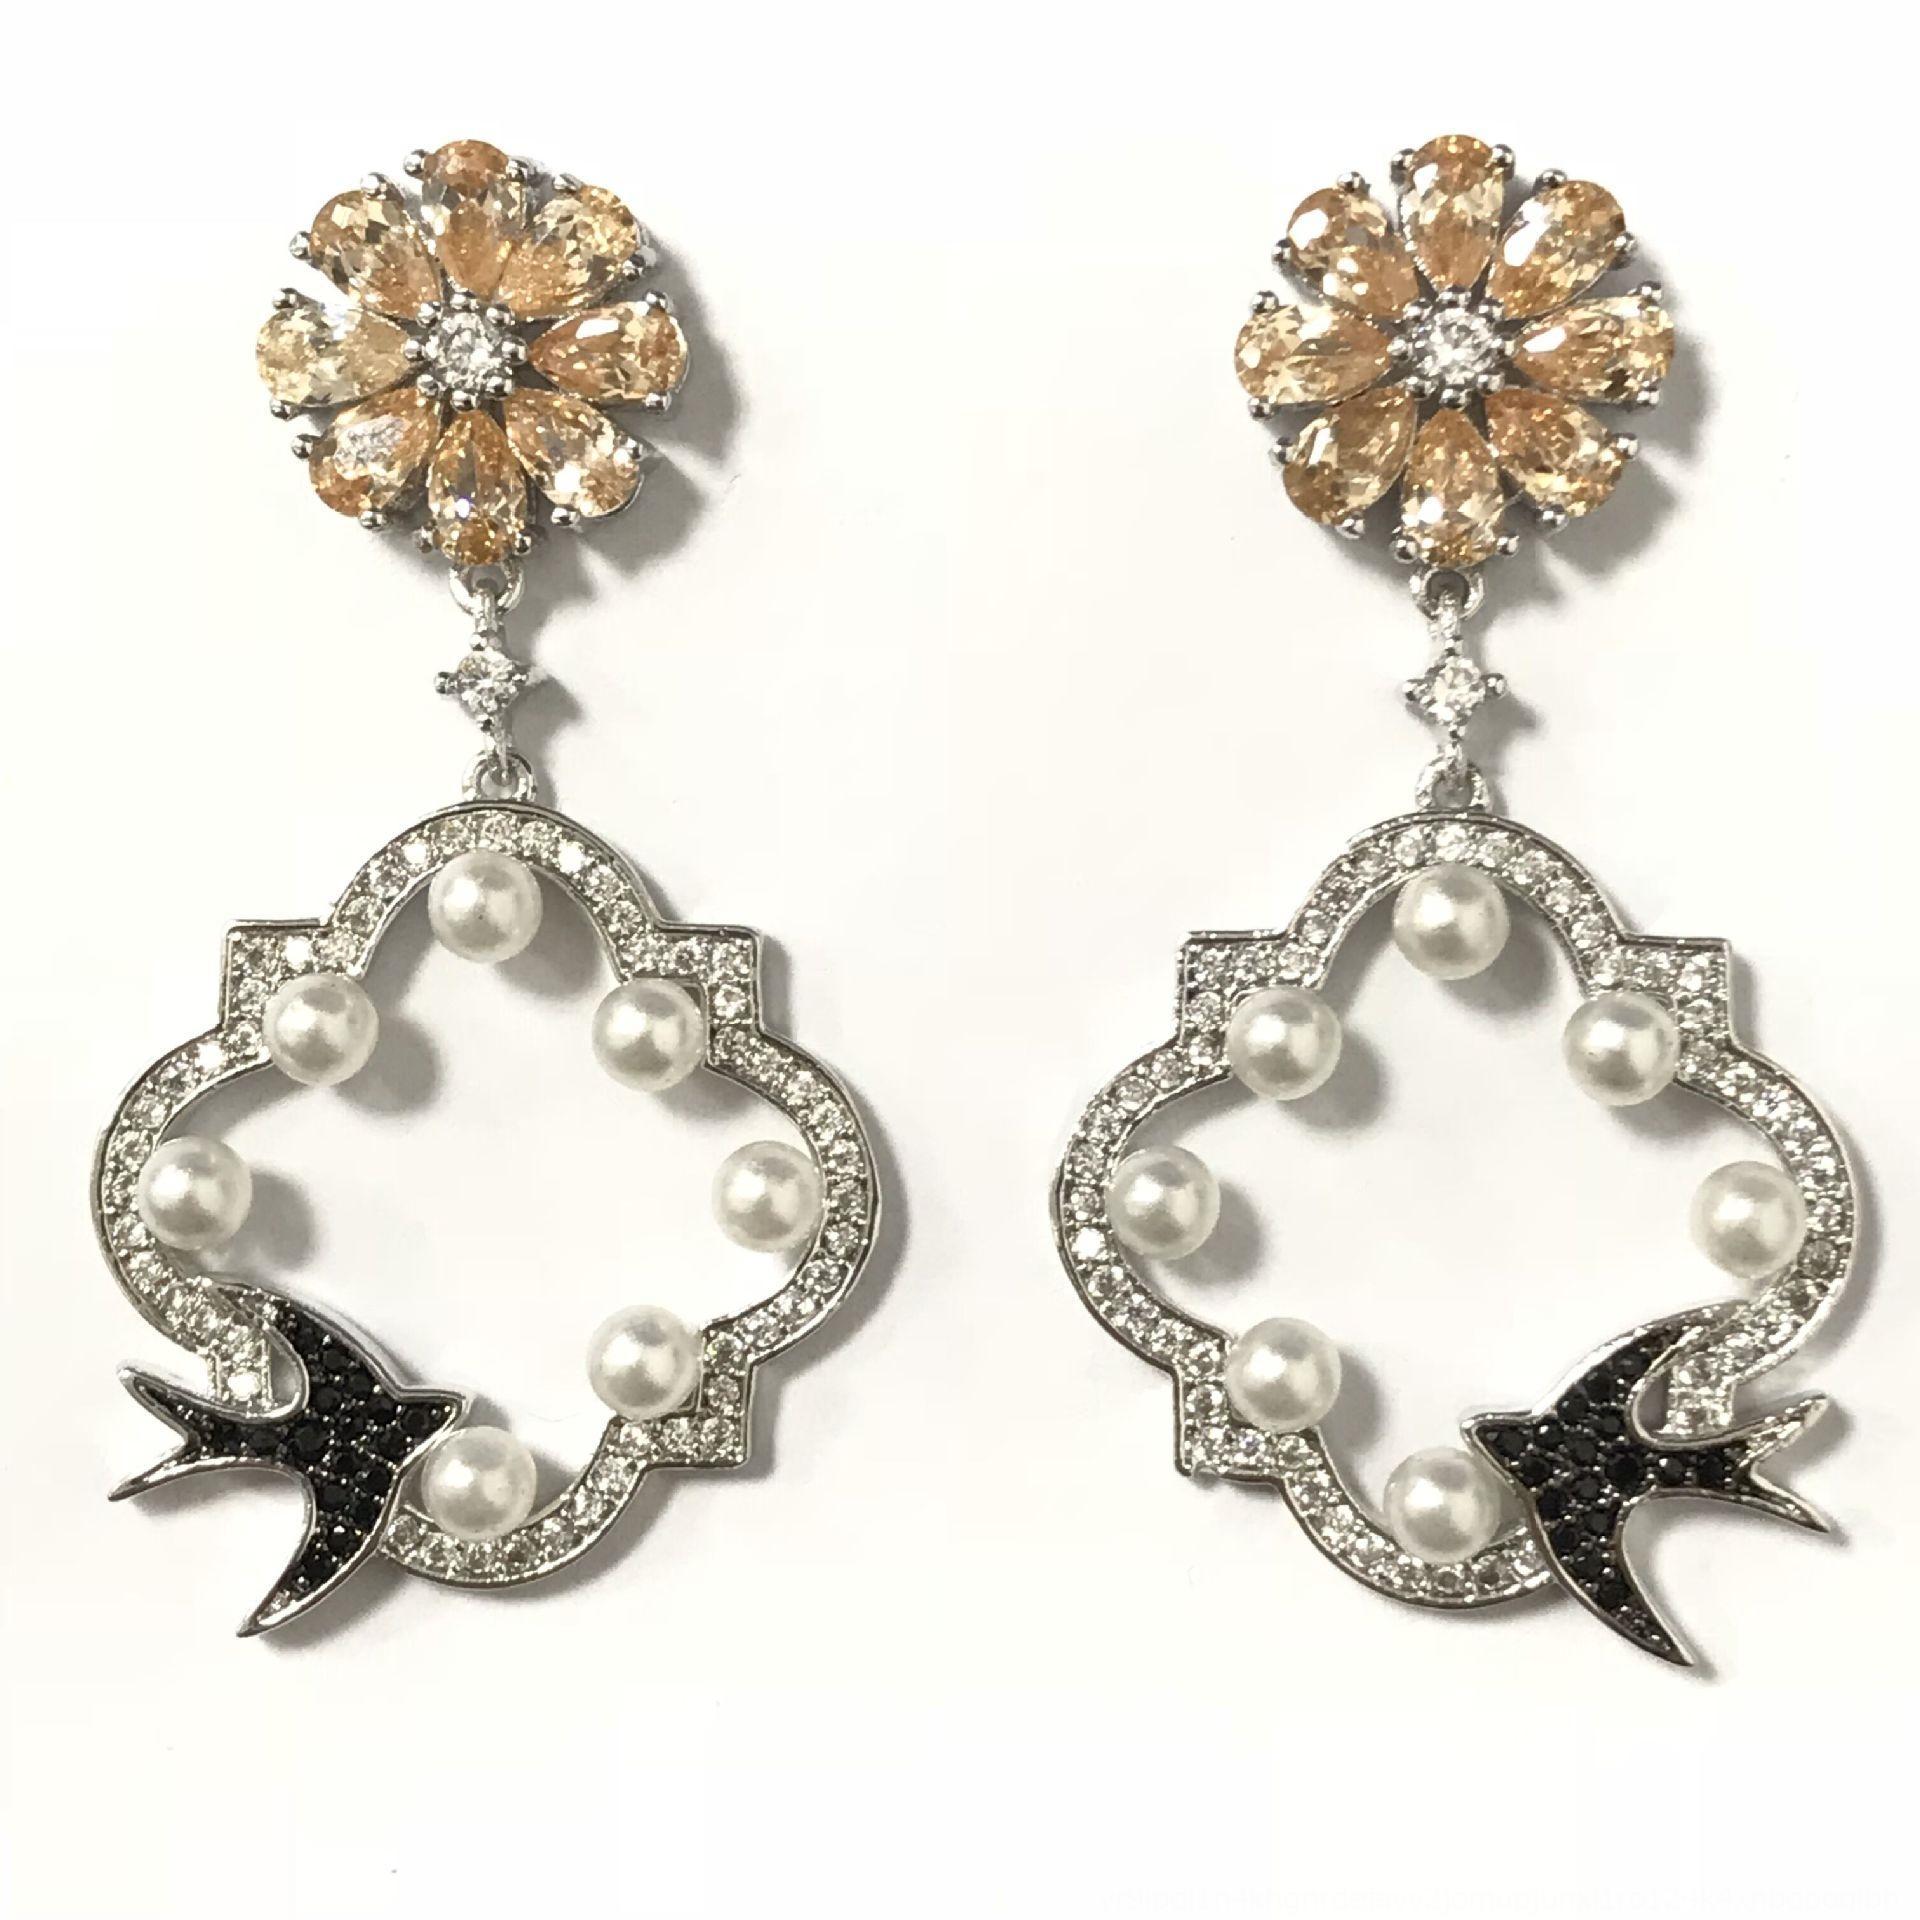 eyh6e Jardim Pérola e nova série elegante elegante prata esterlina Marigold janela de pérola brincos das mulheres andorinha brincos